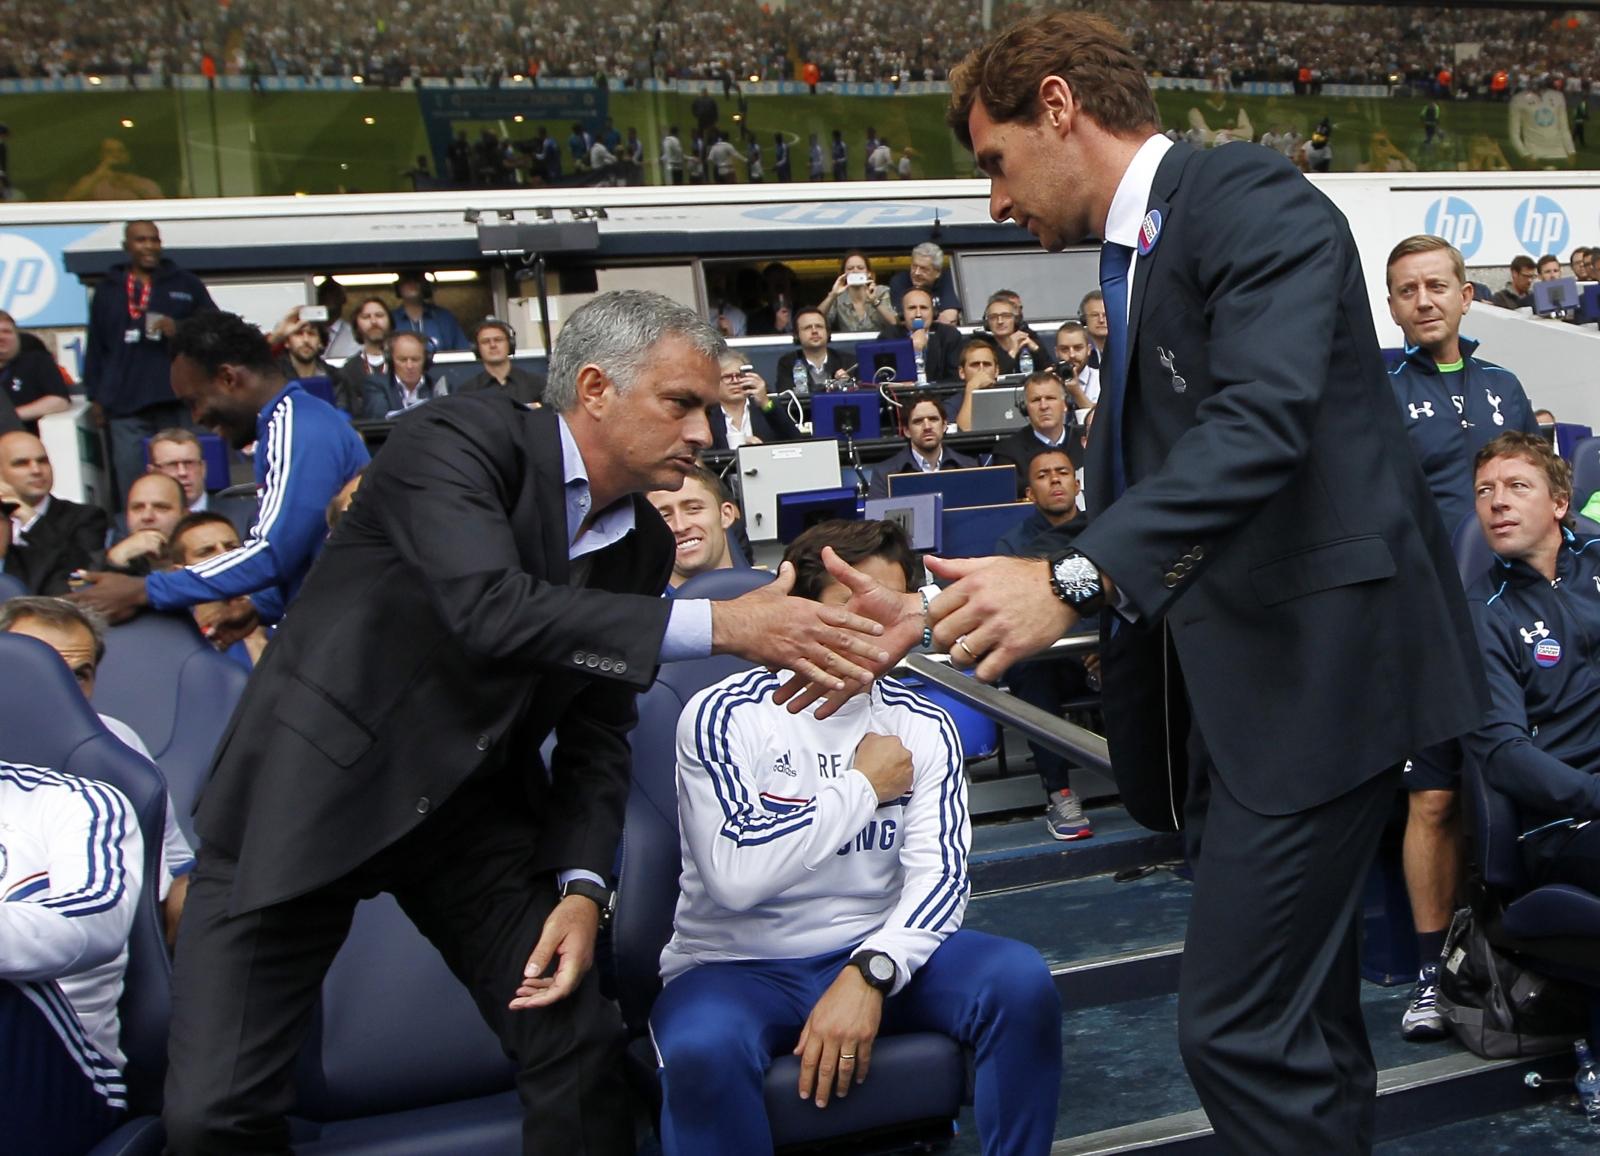 Mourinho and Villas-Boas